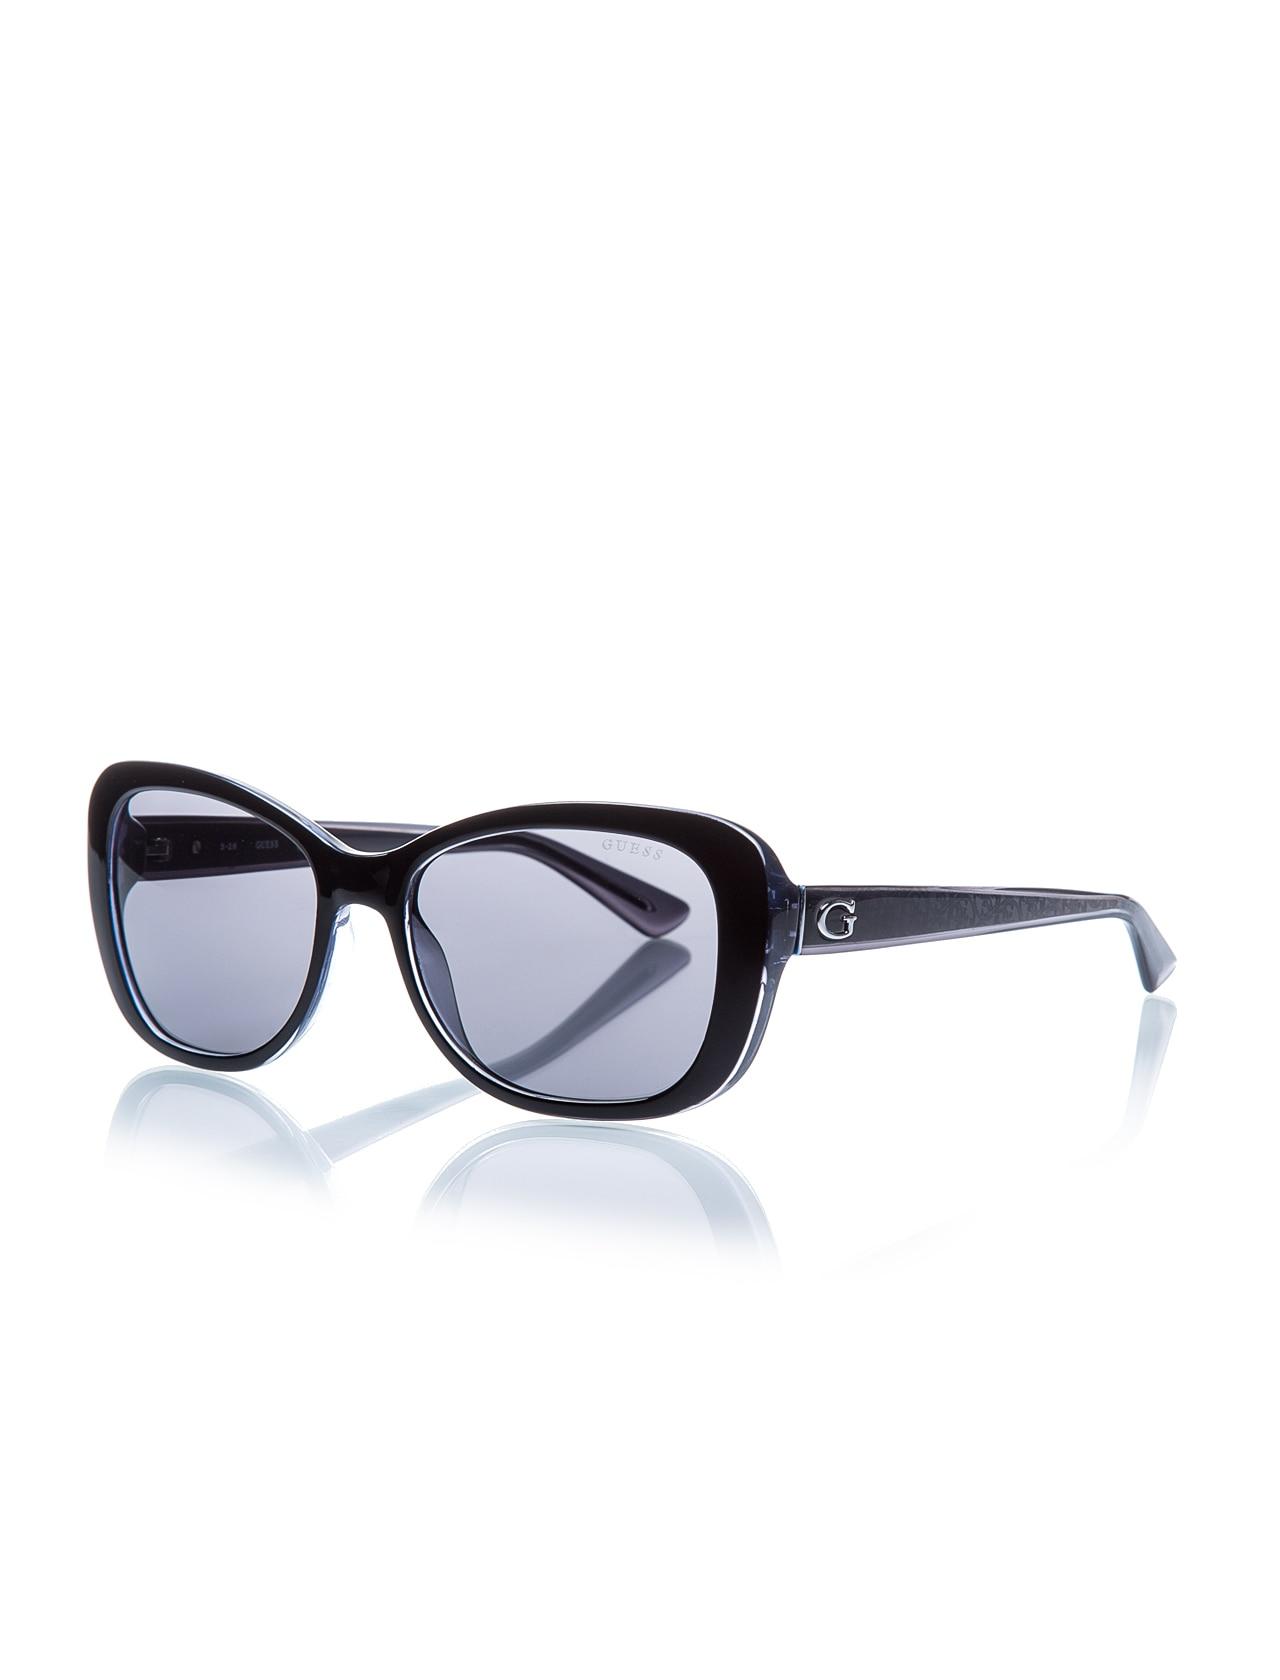 Women's sunglasses gu 7475 01a bone black organic 56-guess